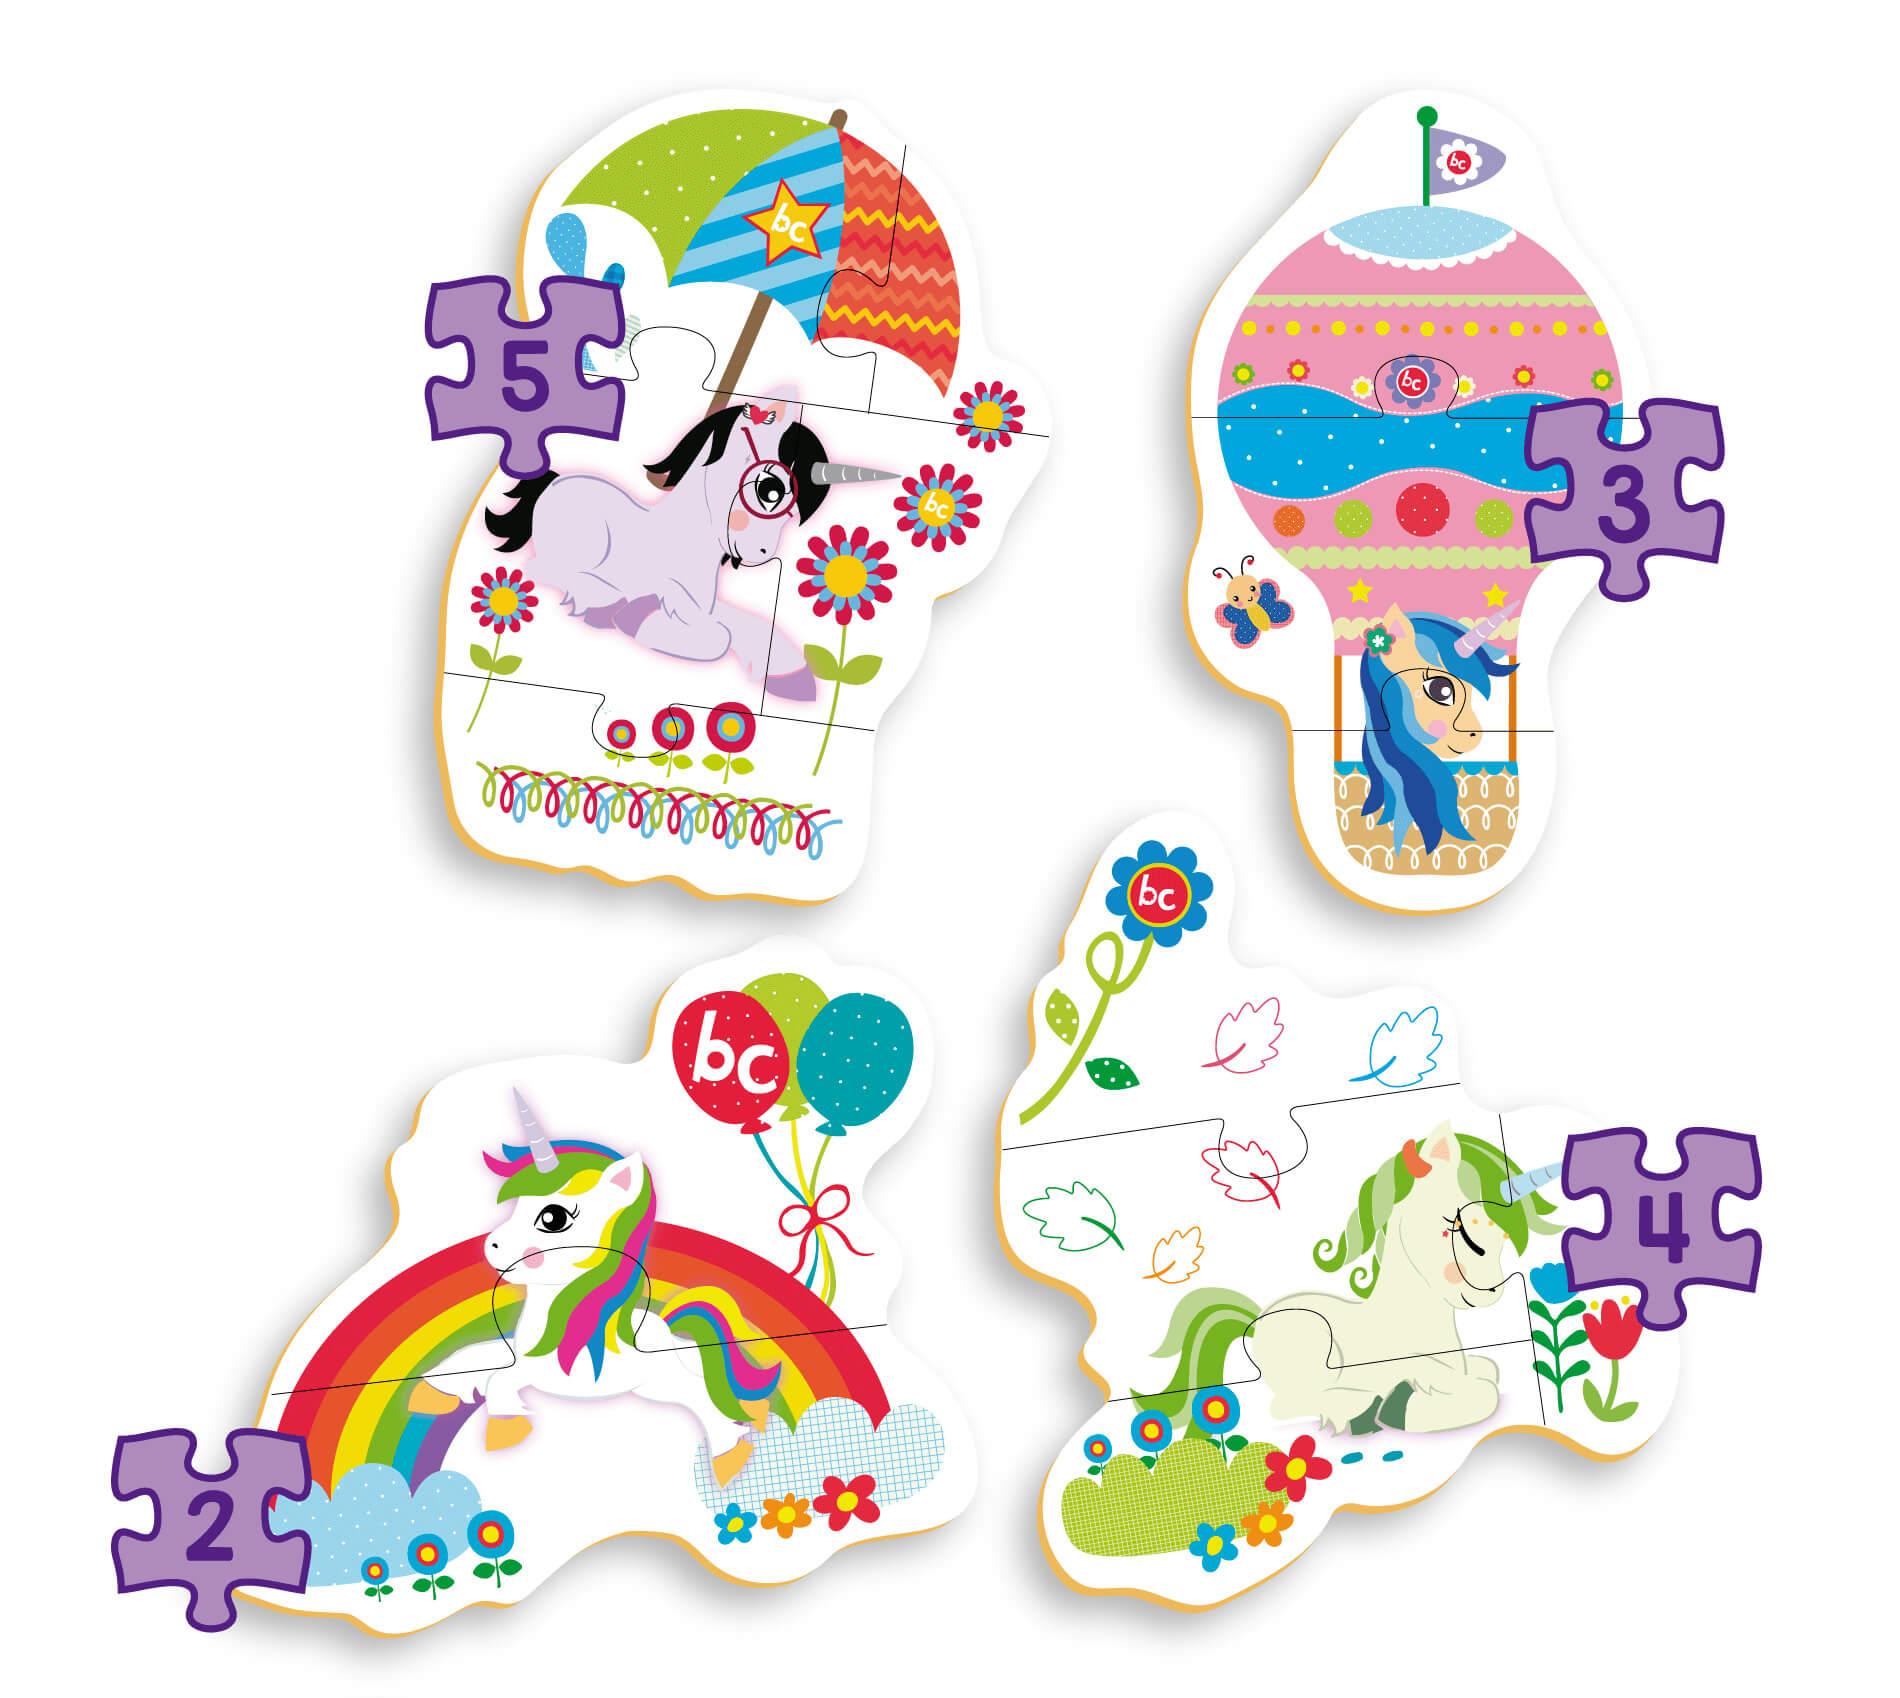 Quebra-Cabeça Progressivo Unicórnio Em Madeira 0909 Brincadeira De Criança